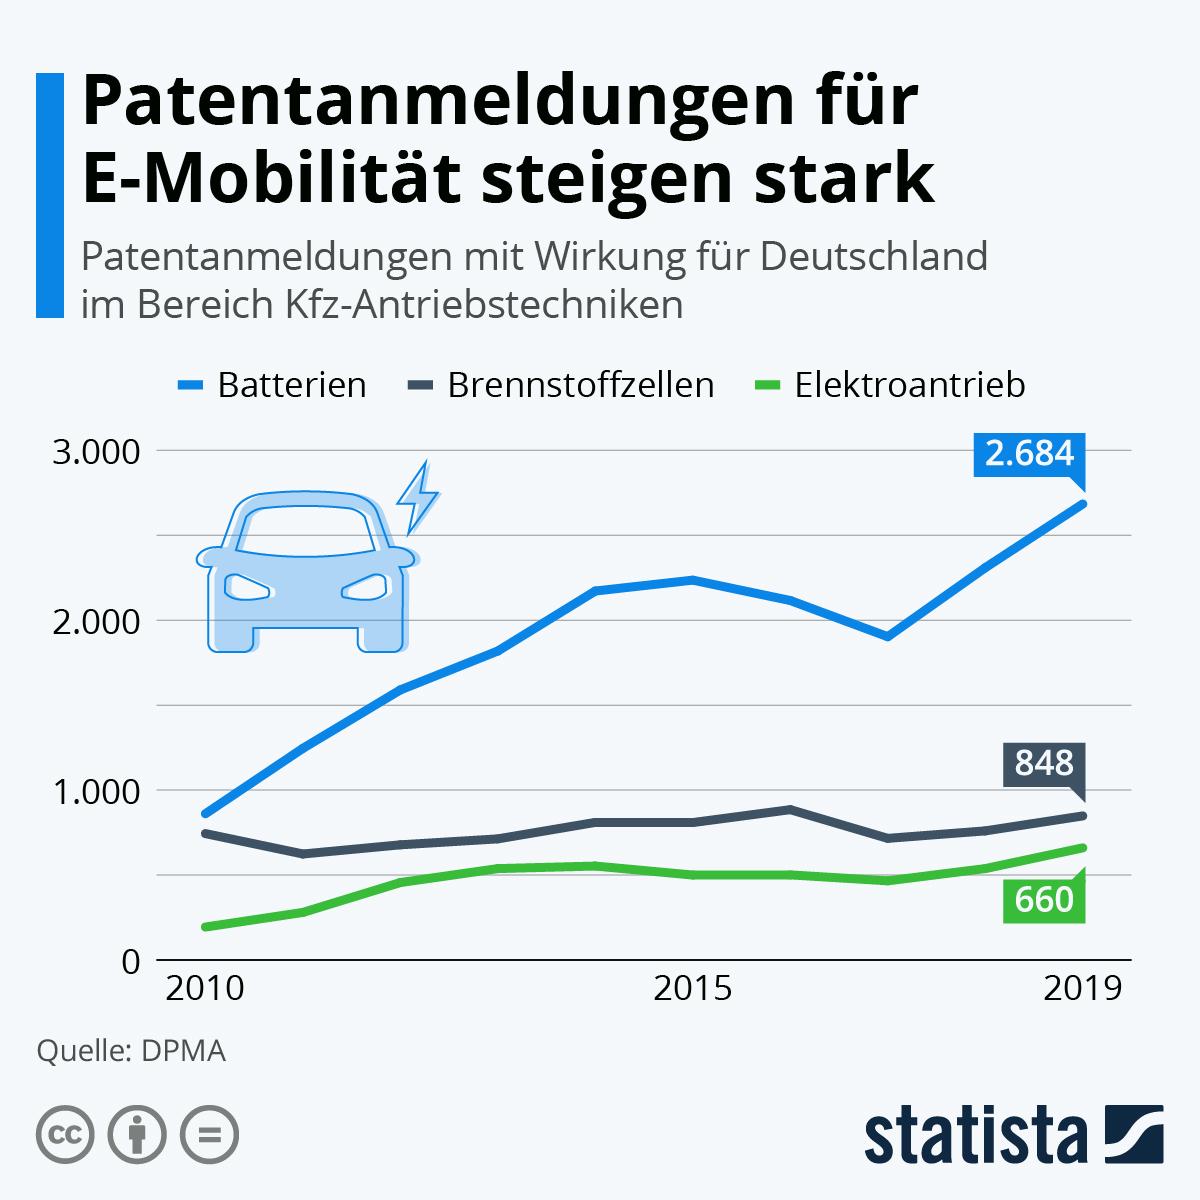 Infografik: Patentanmeldungen für E-Mobilität steigen stark | Statista